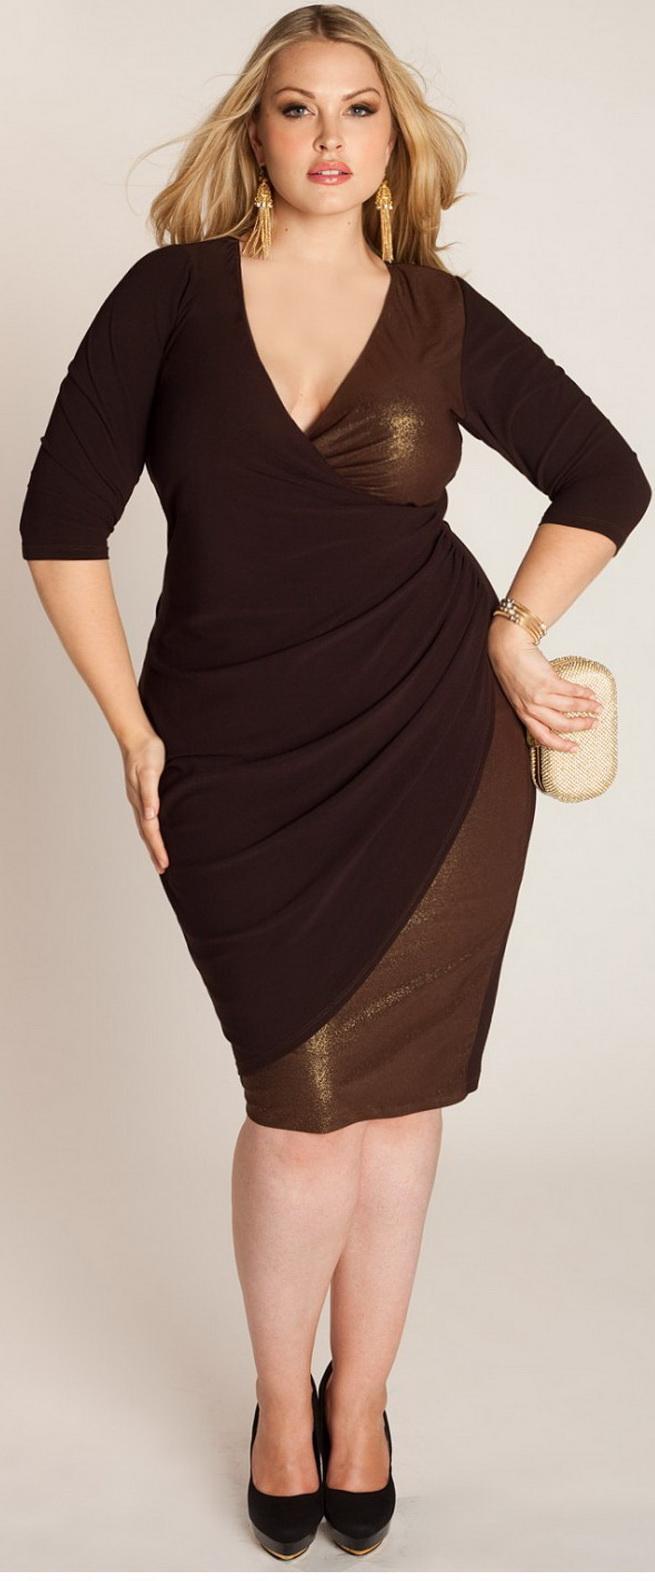 Plus size fashion wear